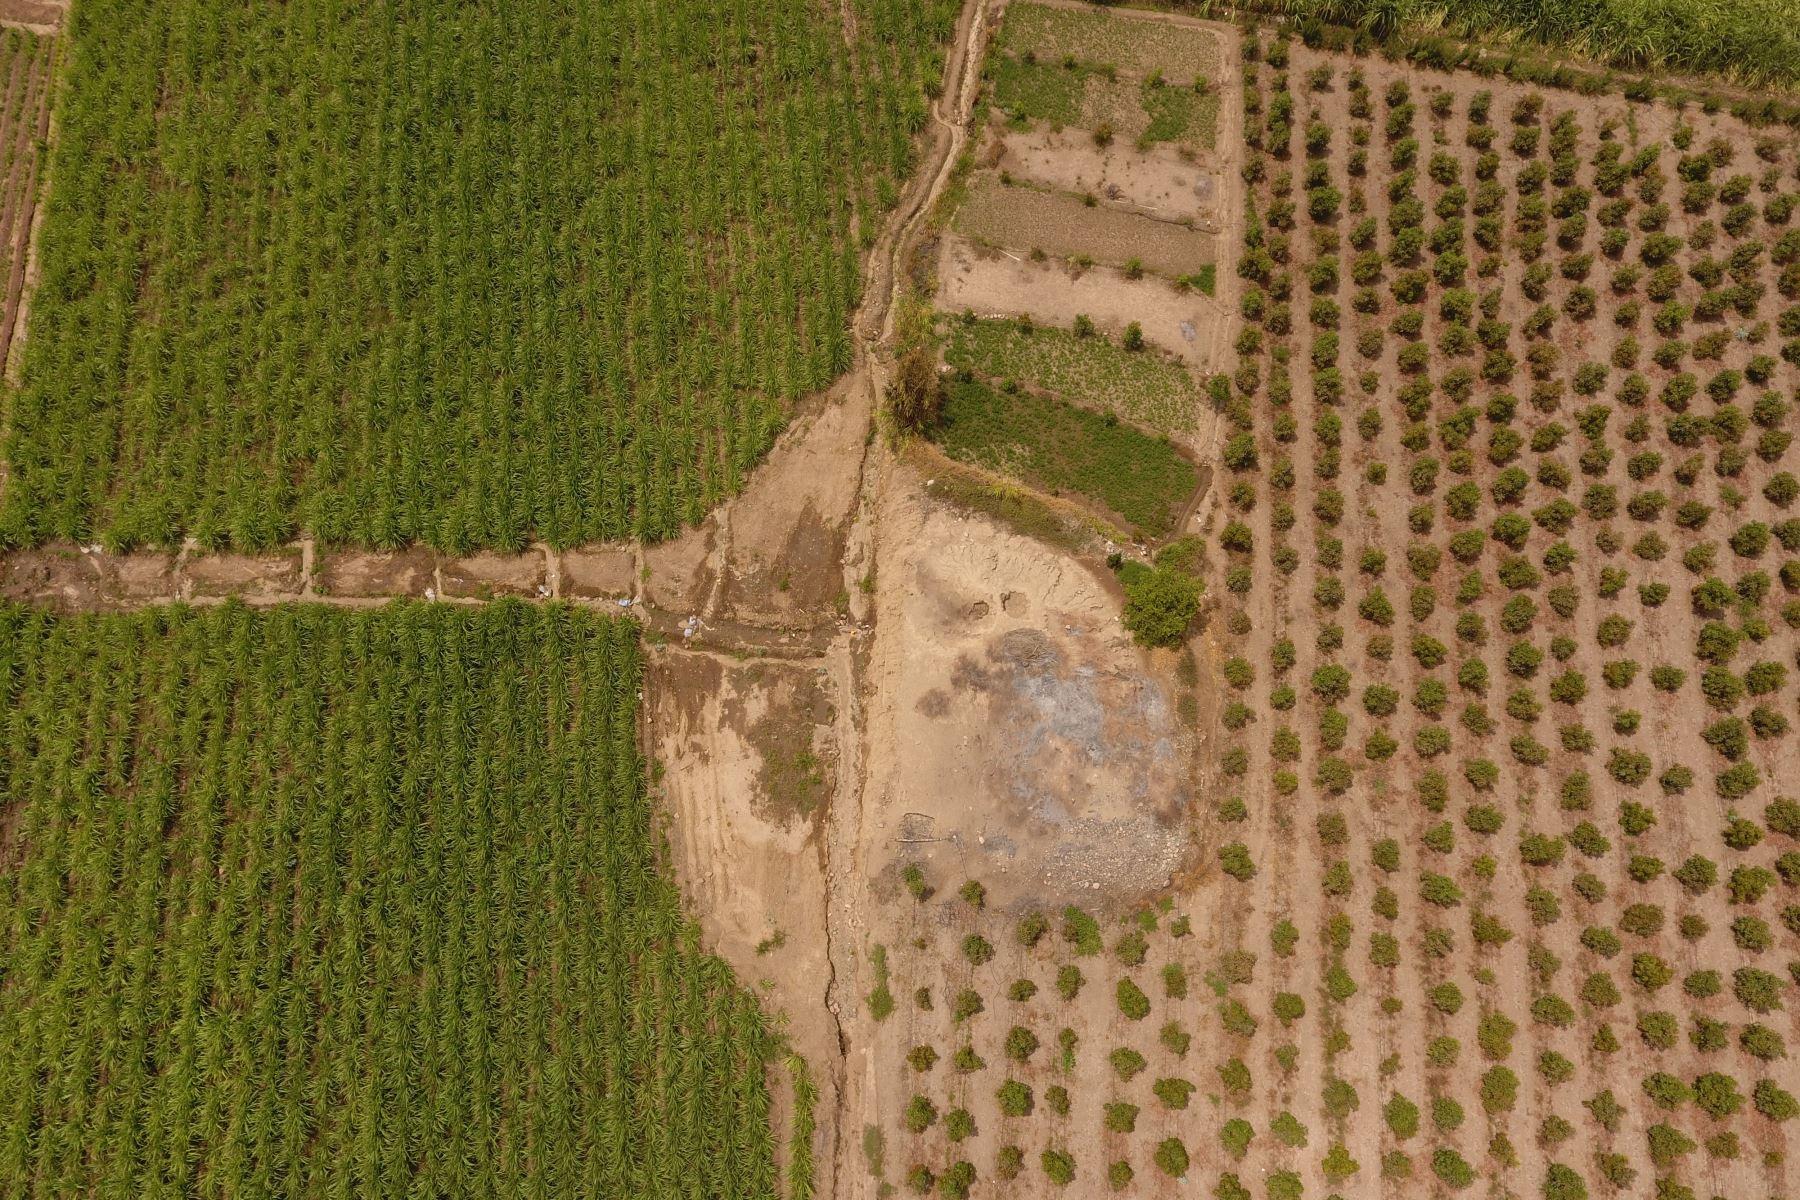 Hallazgo se produjo luego que unas personas destruyeran una huaca para extender campos de cultivo en Virú. Foto: Feren Castilla